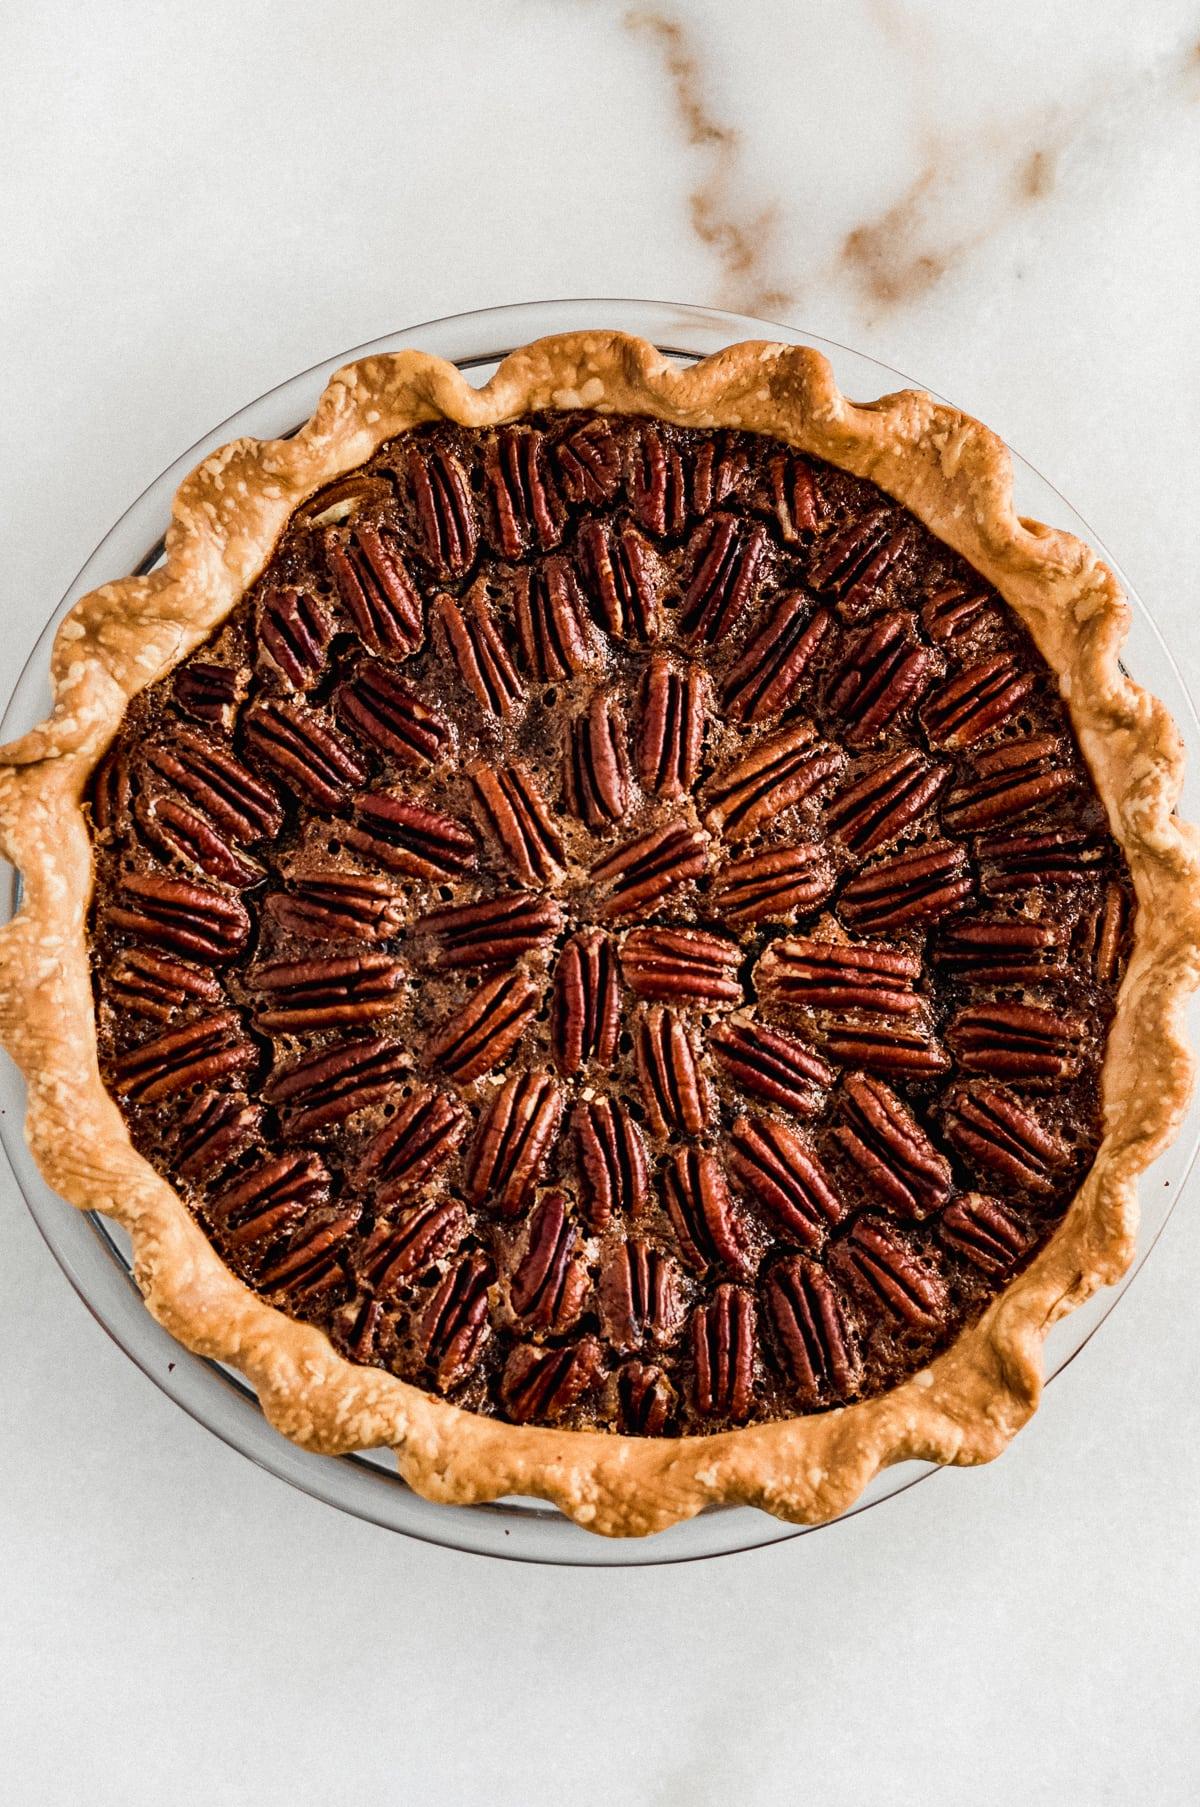 overhead view of baked pecan pie.